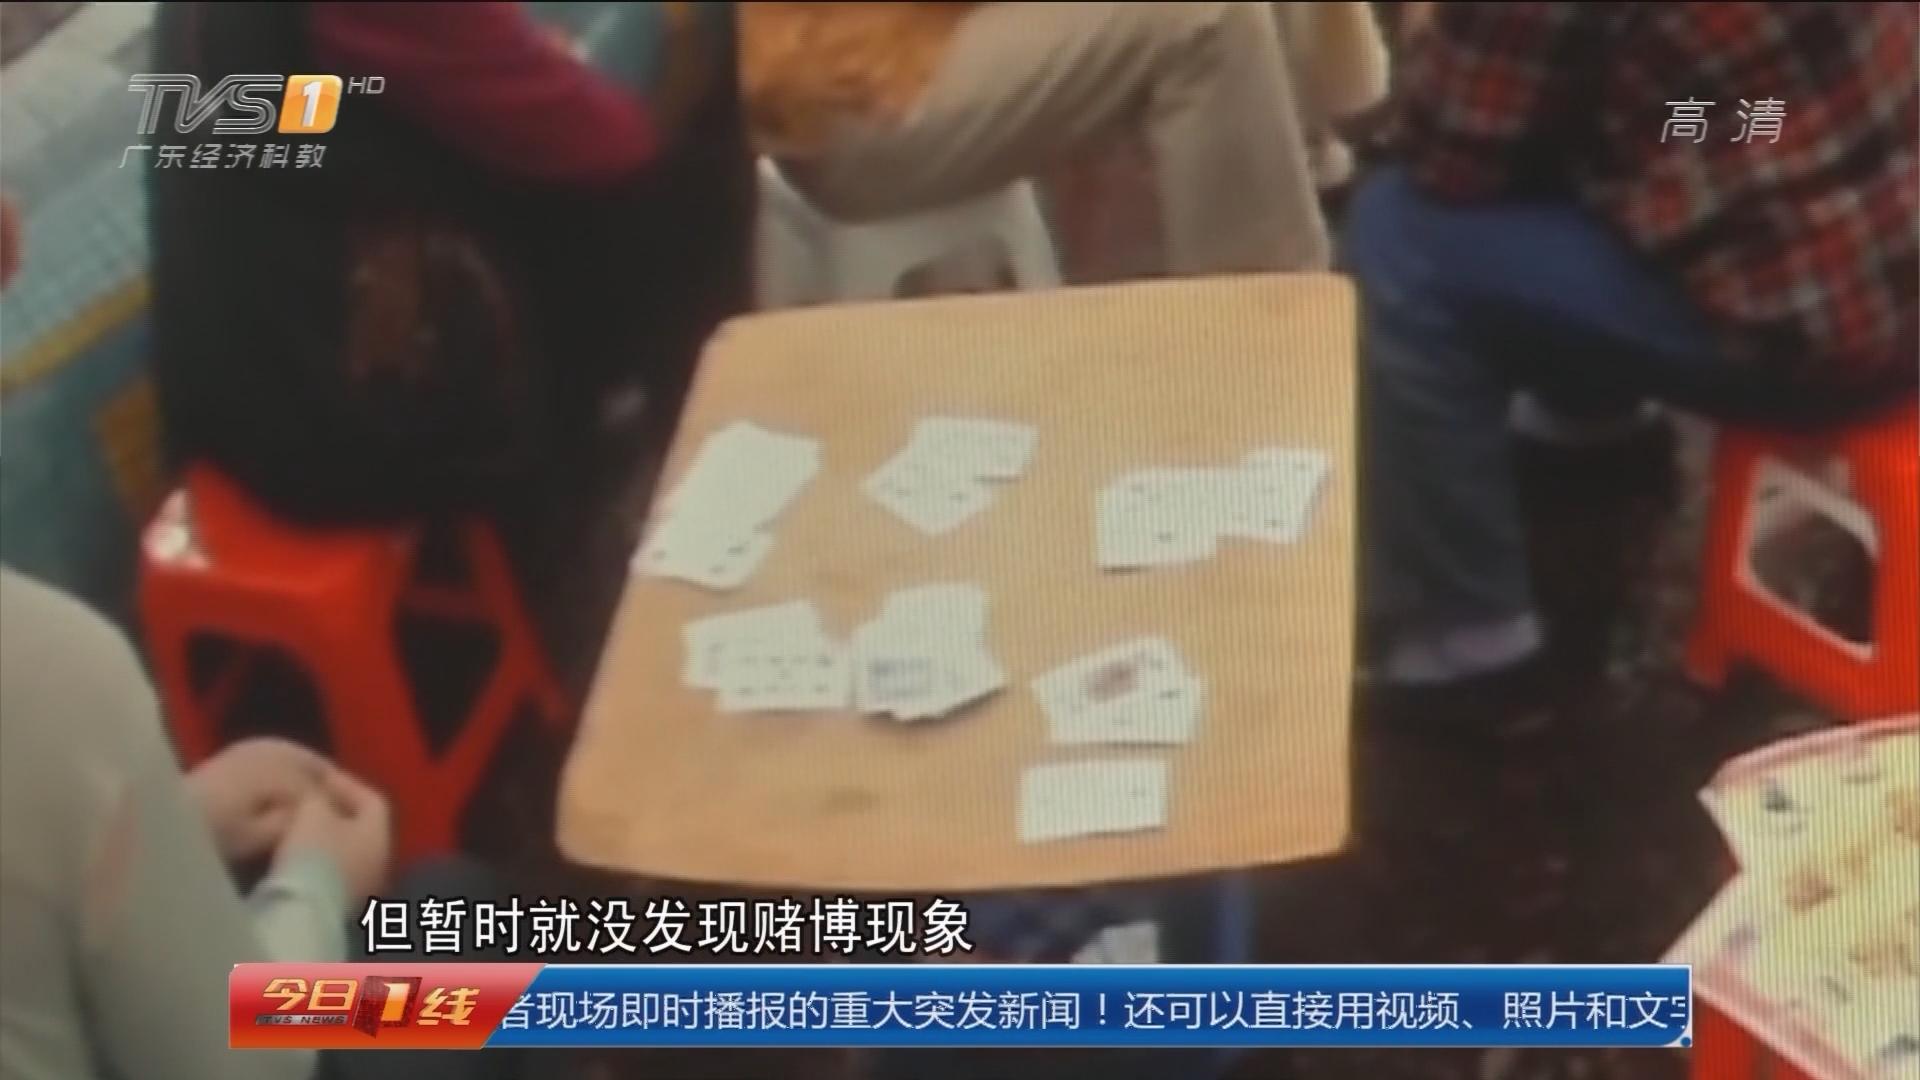 韶关武江:桥底竟成聚赌地 警方清查